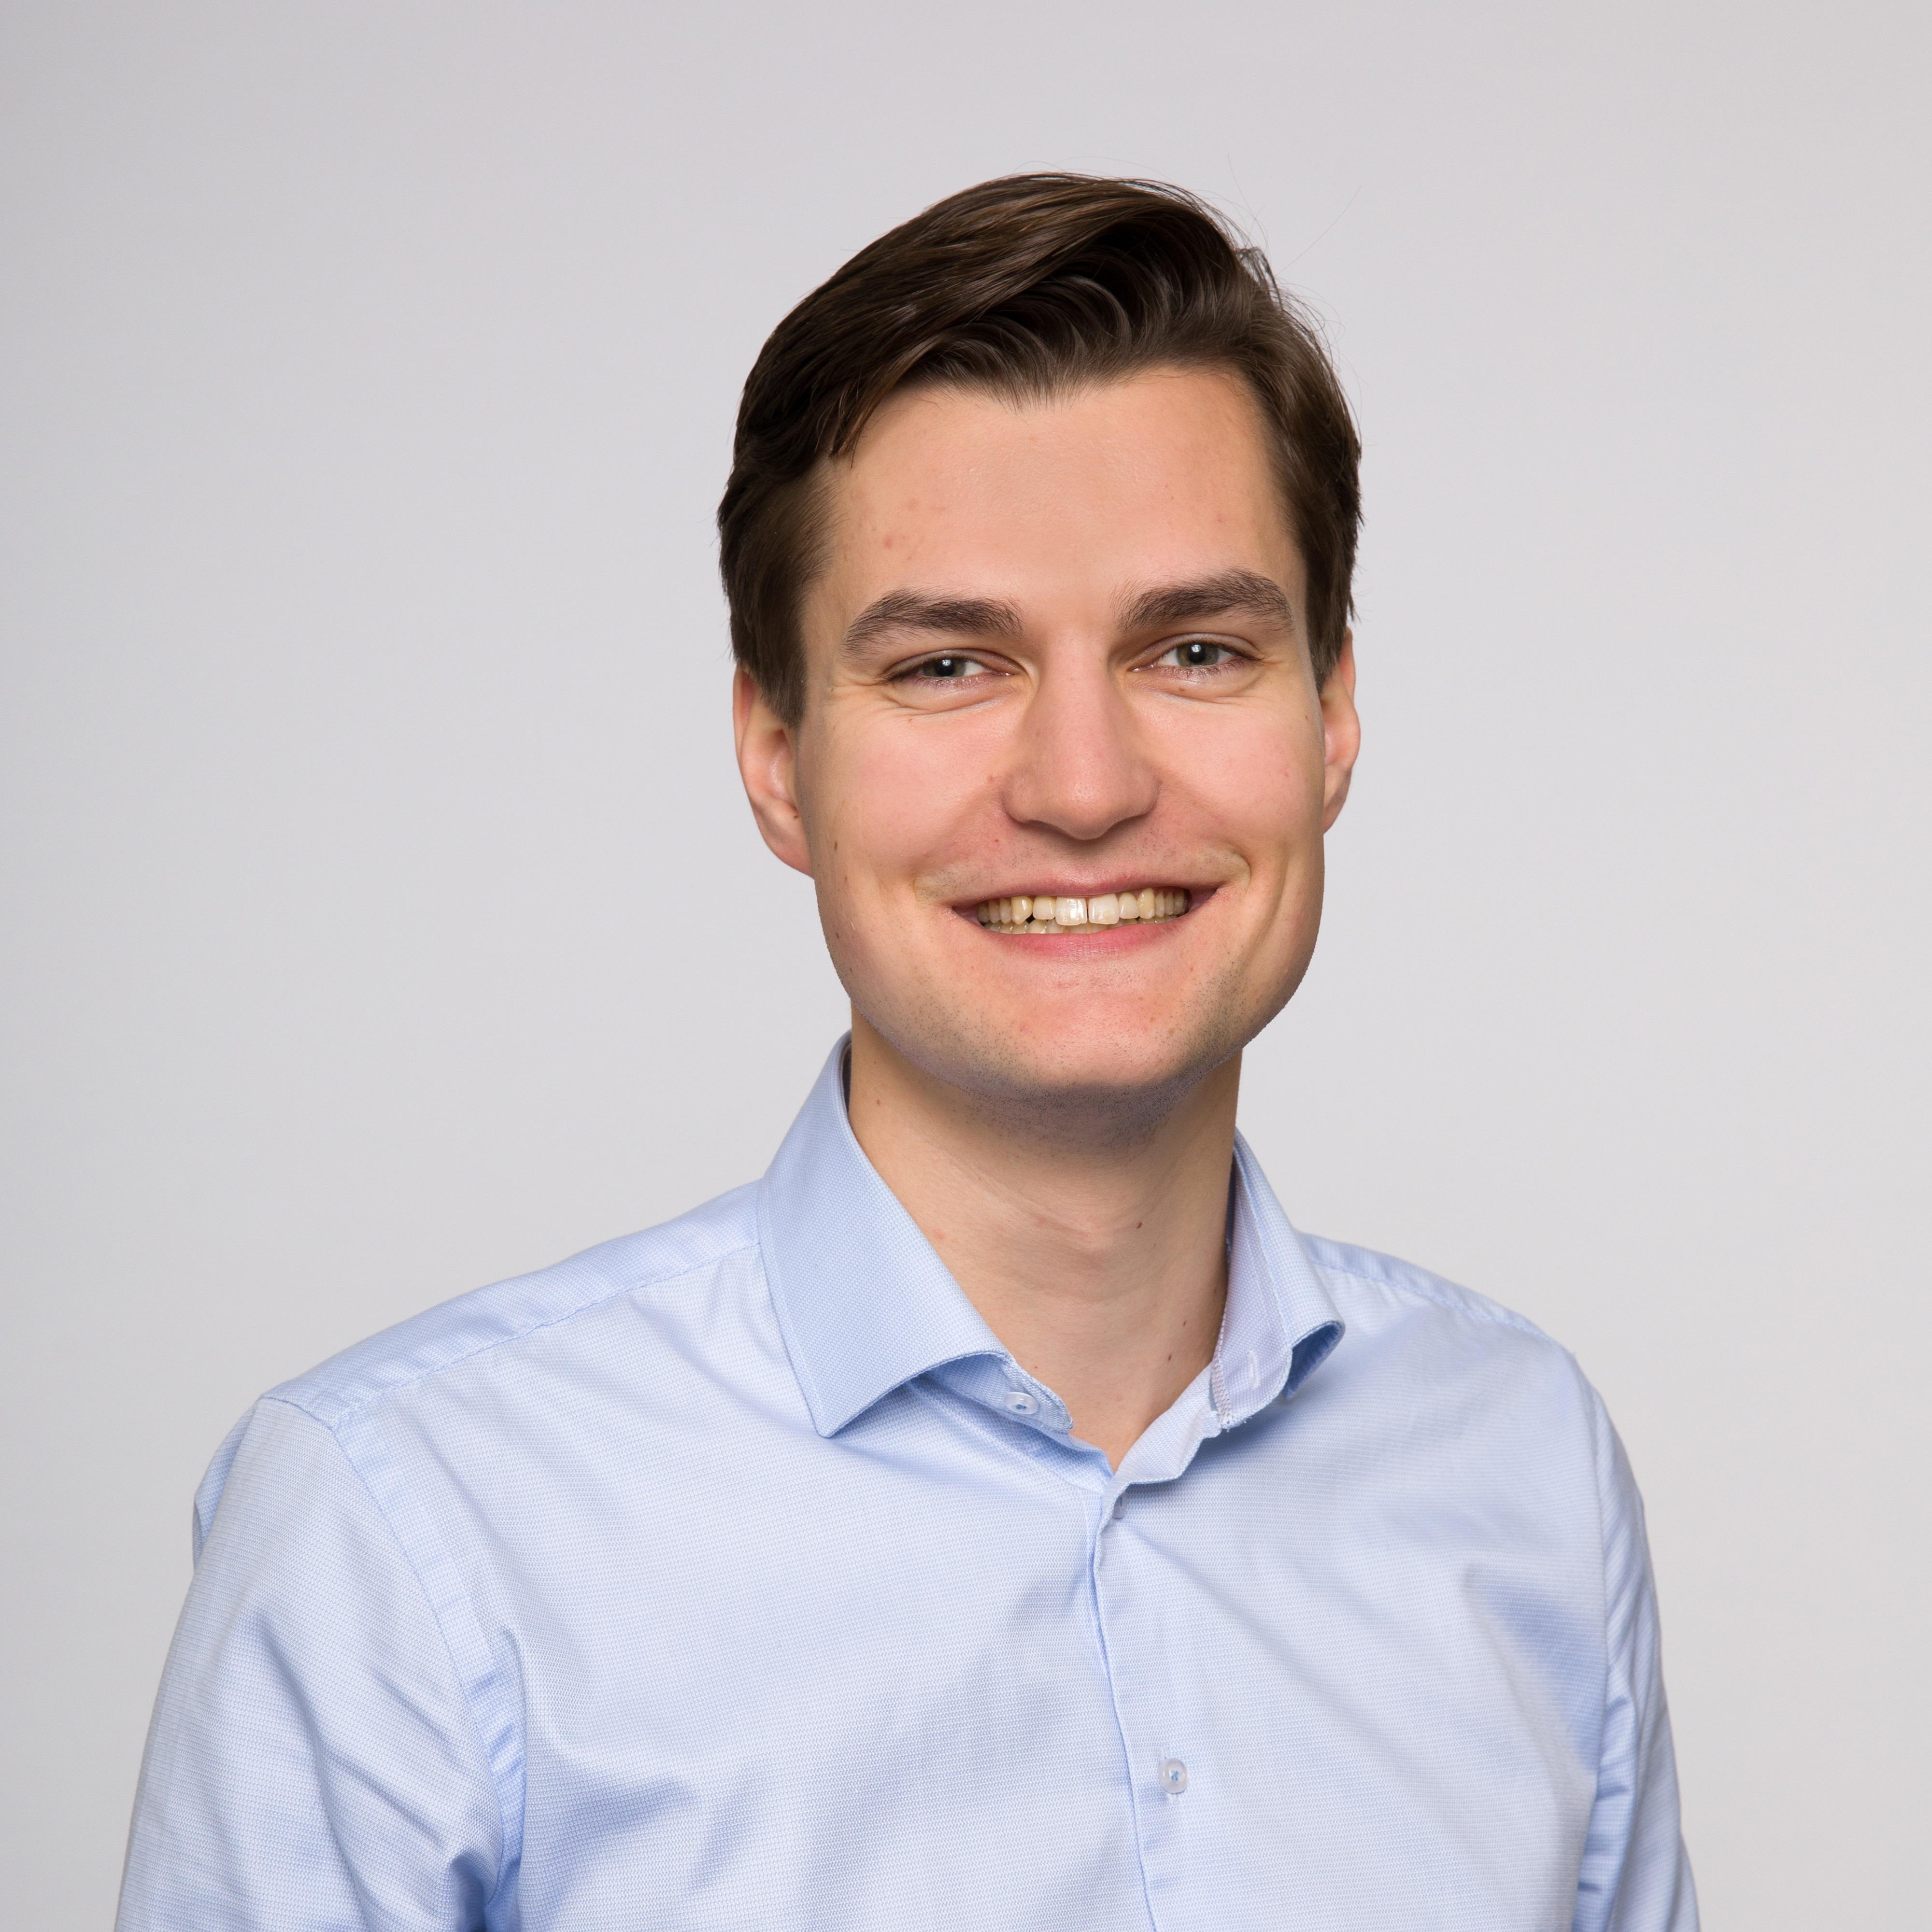 Maarten Tol, MD